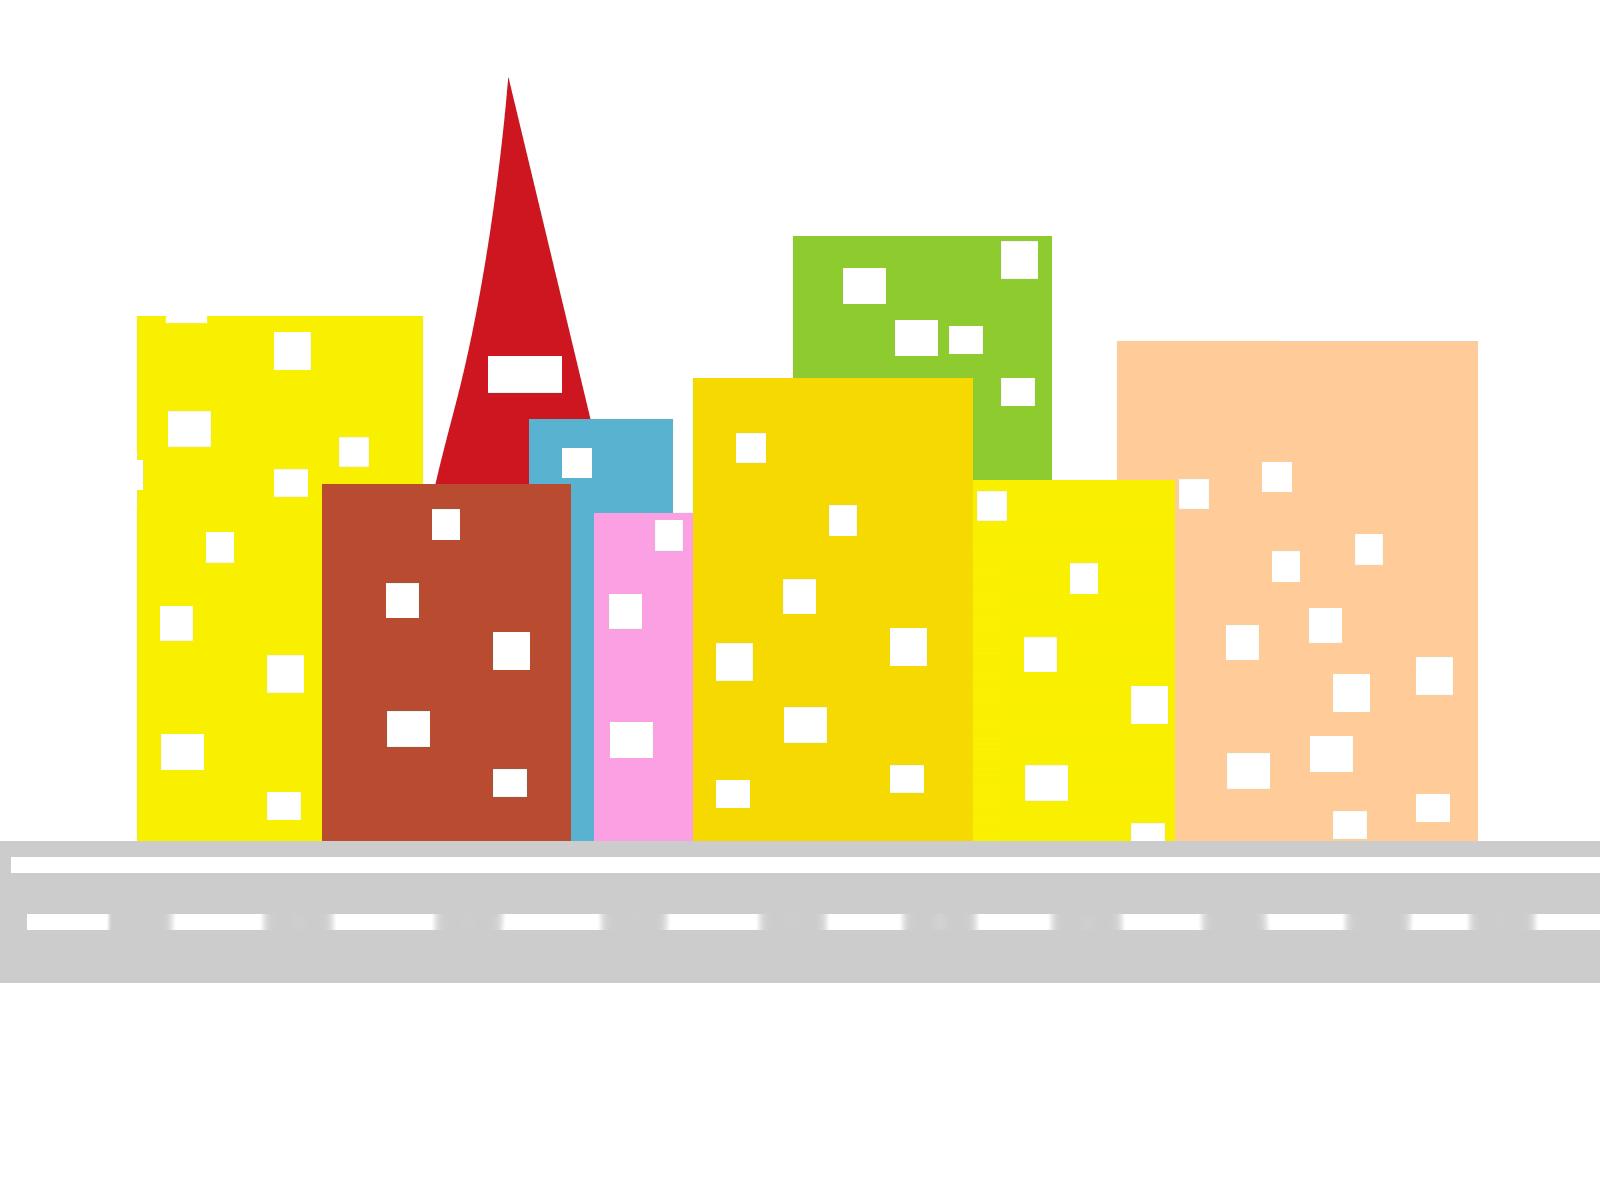 中小企業基盤整備機構の中小企業倒産防止共済